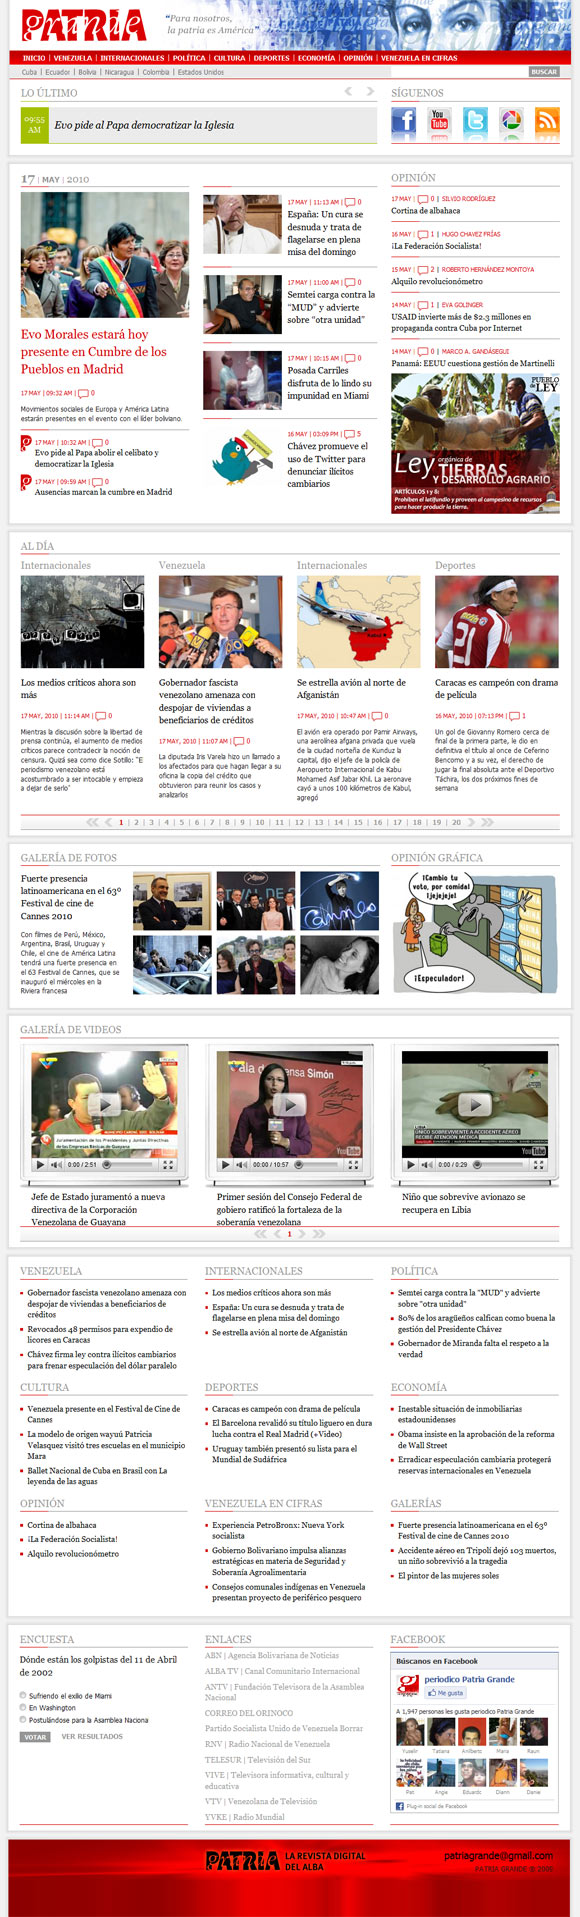 Patria Grande, Revista Digital del ALBA